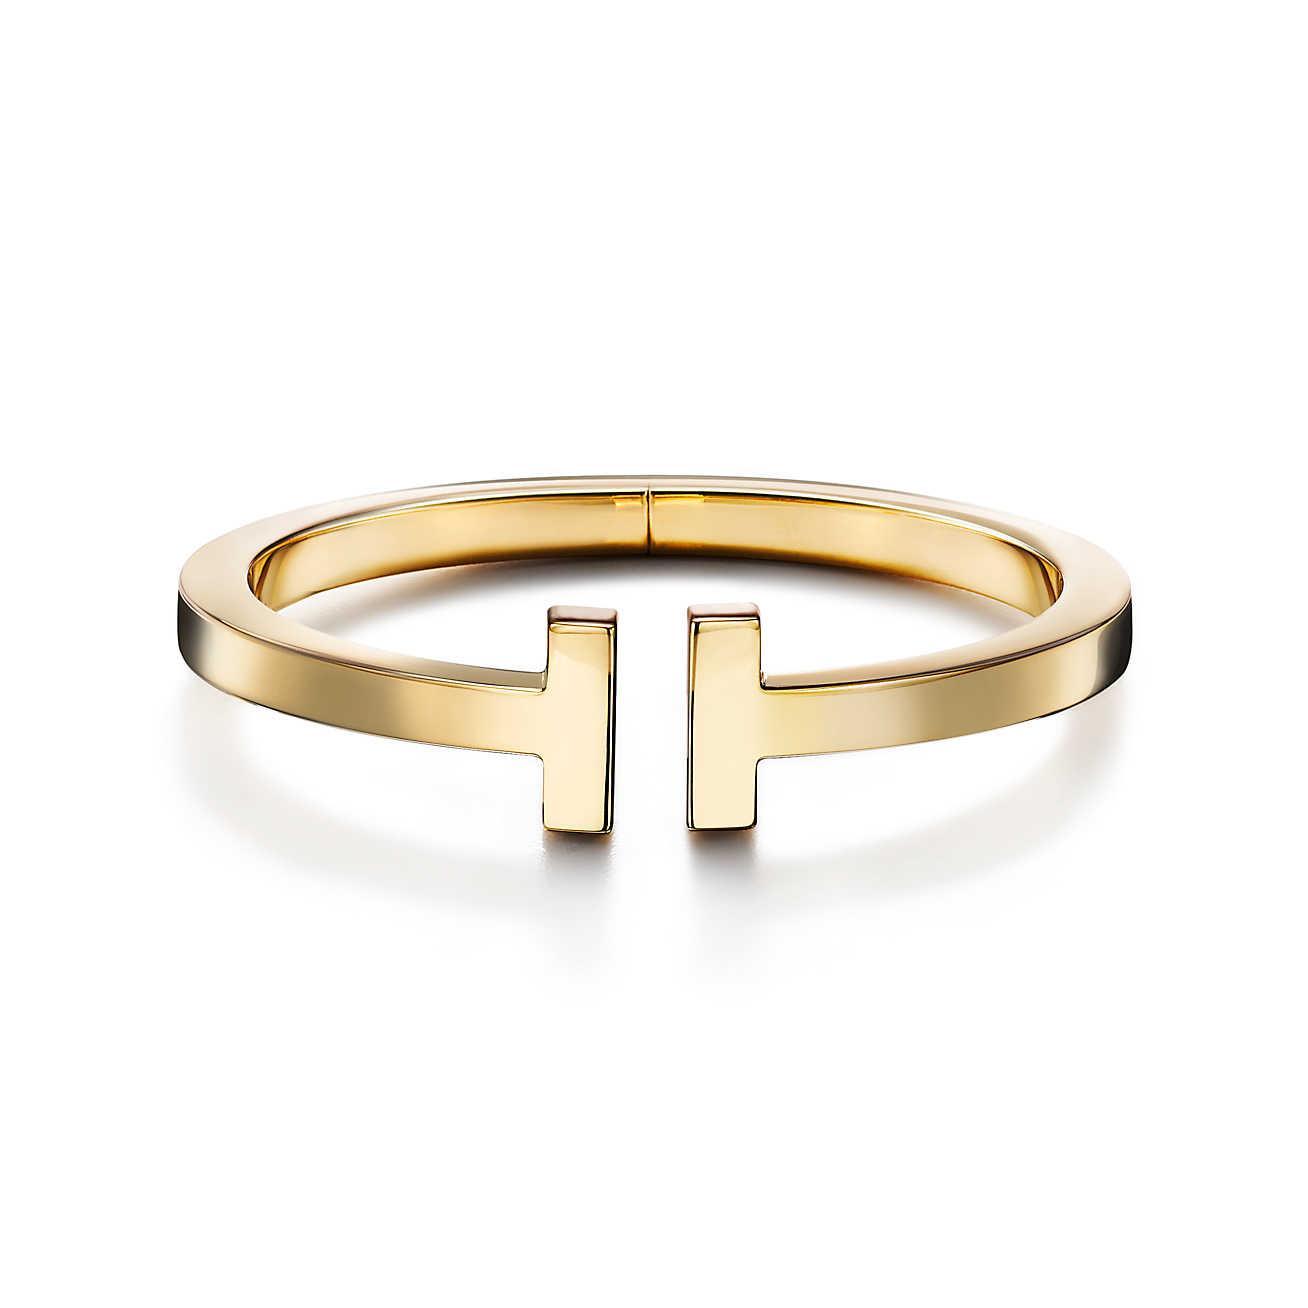 Tiffany T square bracelet in 18k gold, medium